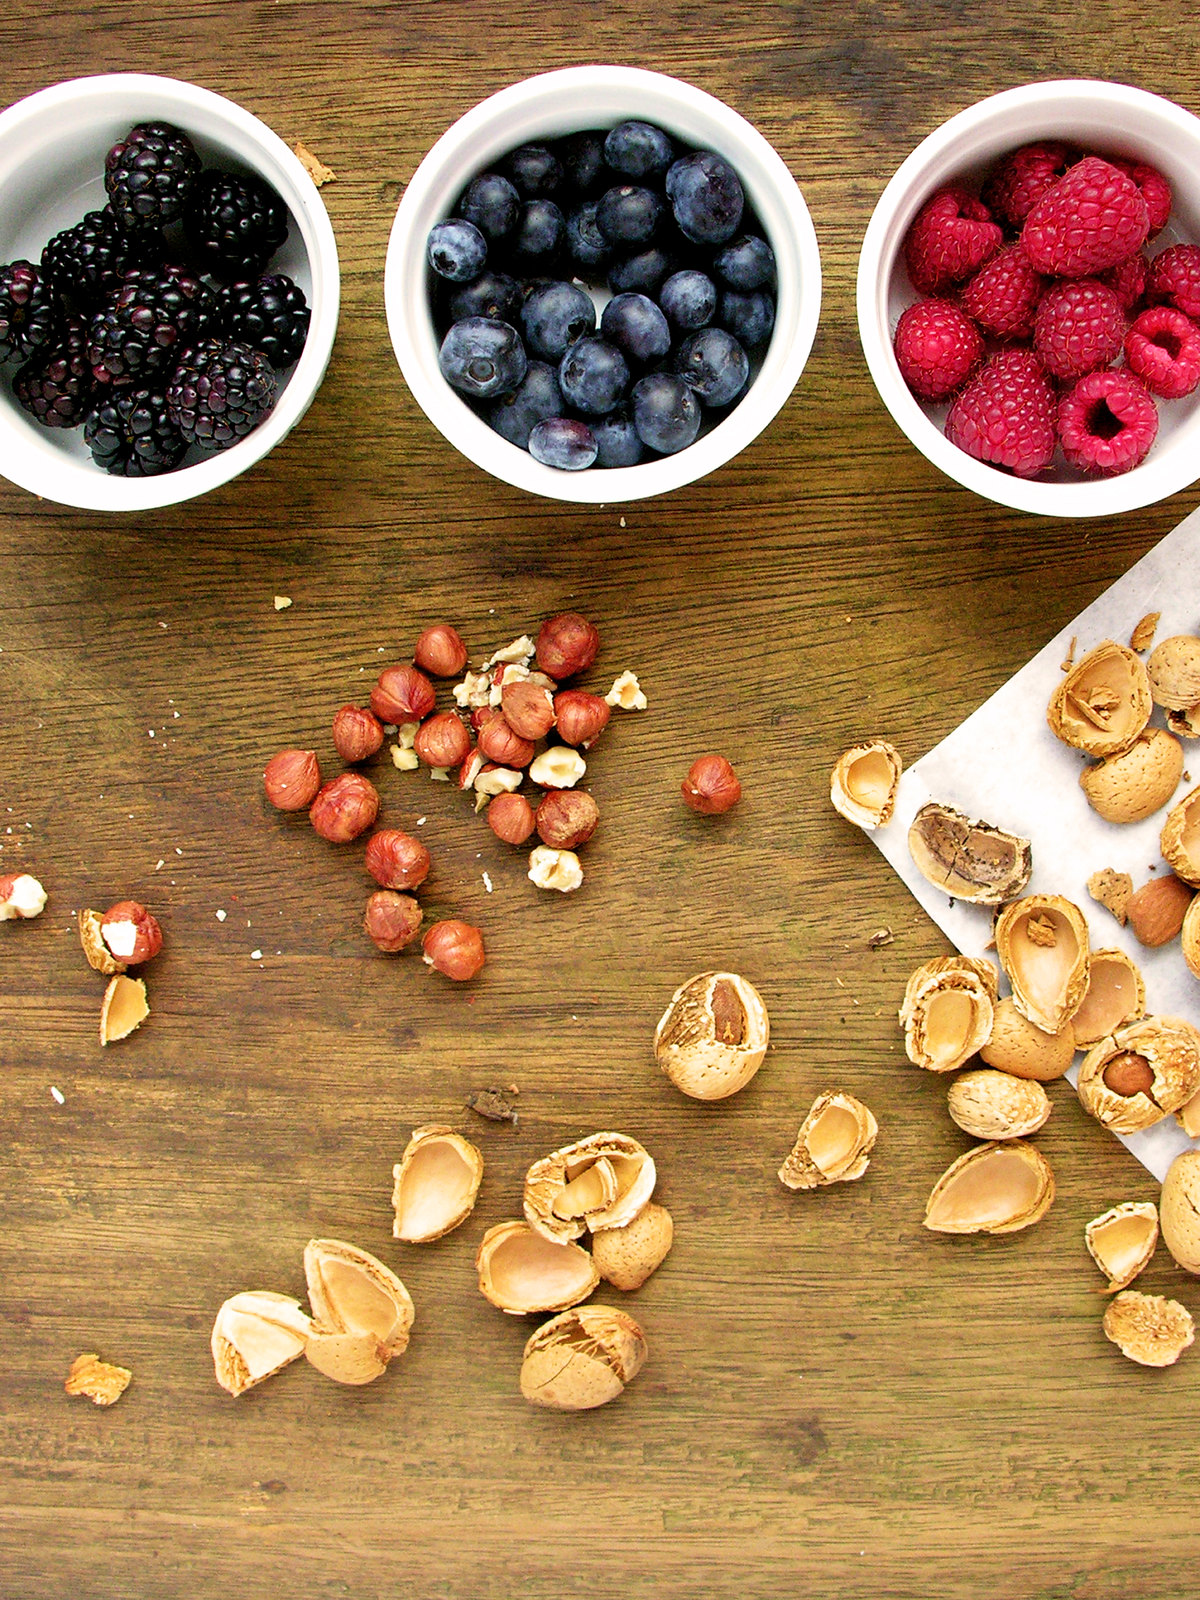 frutos secos, frutos silvestres